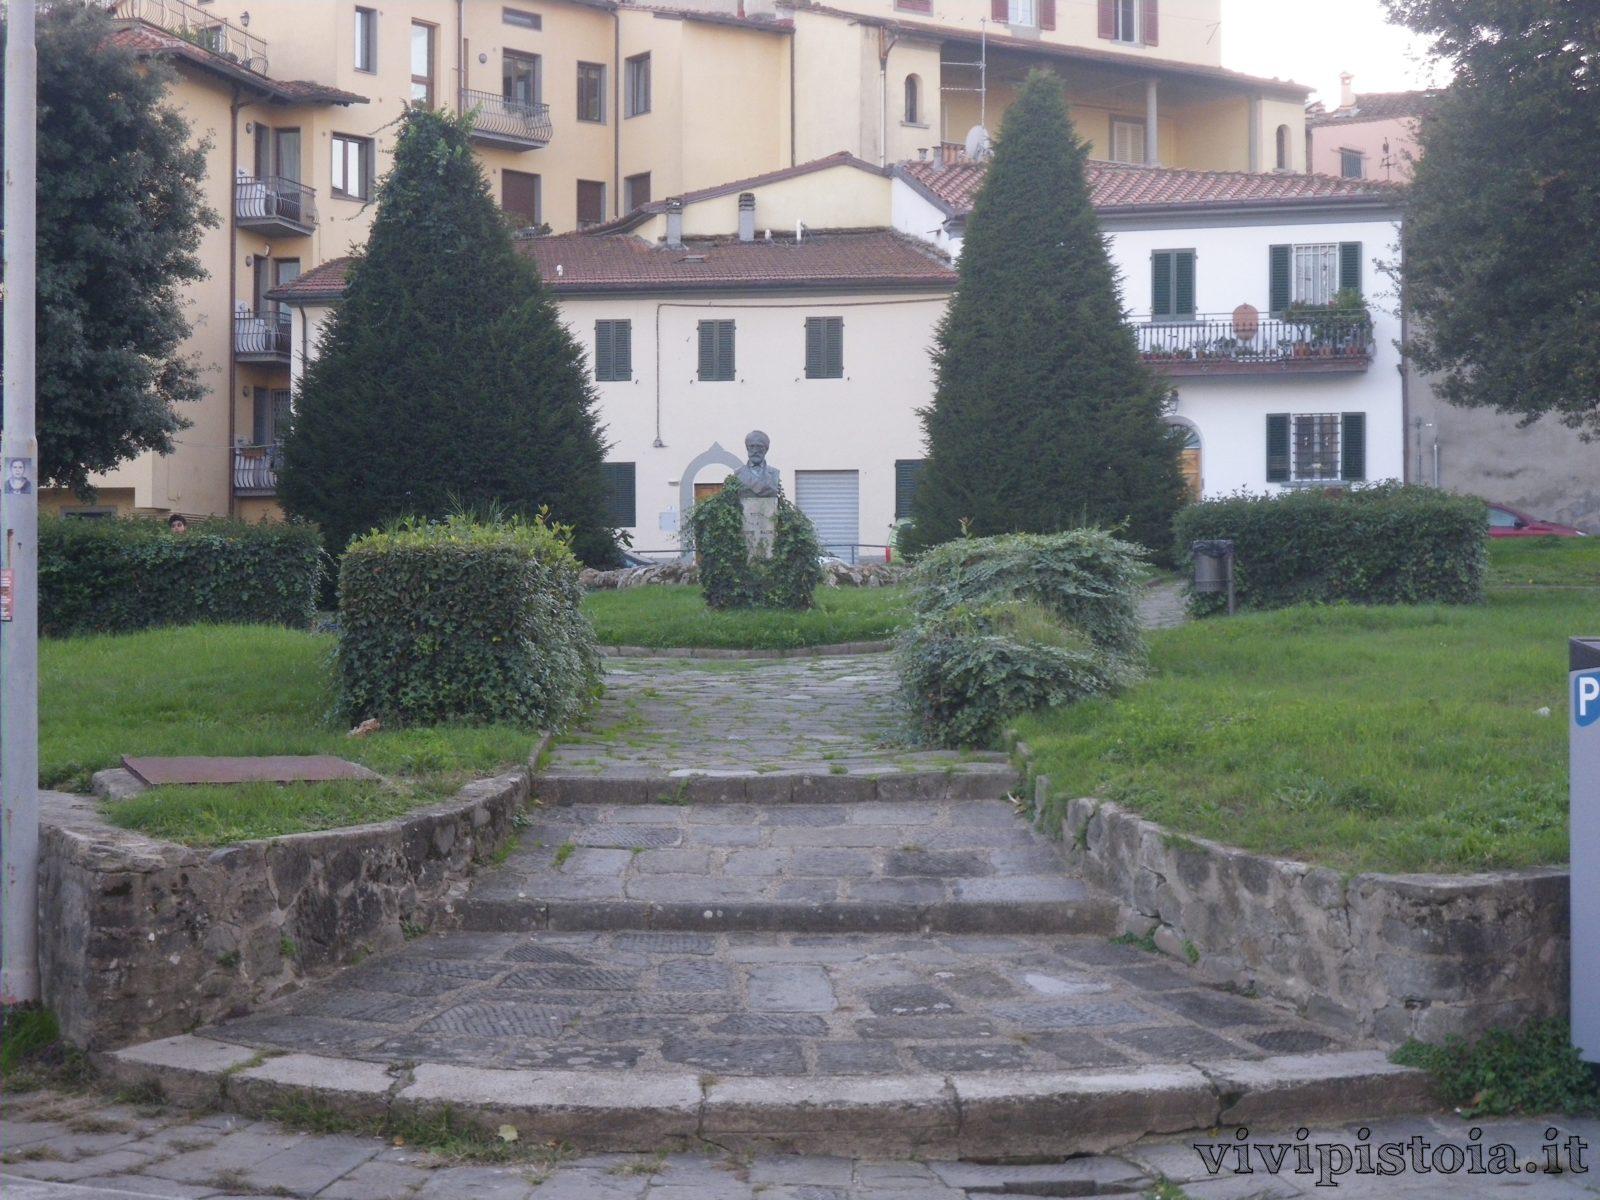 Giardino di Piazza del Carmine